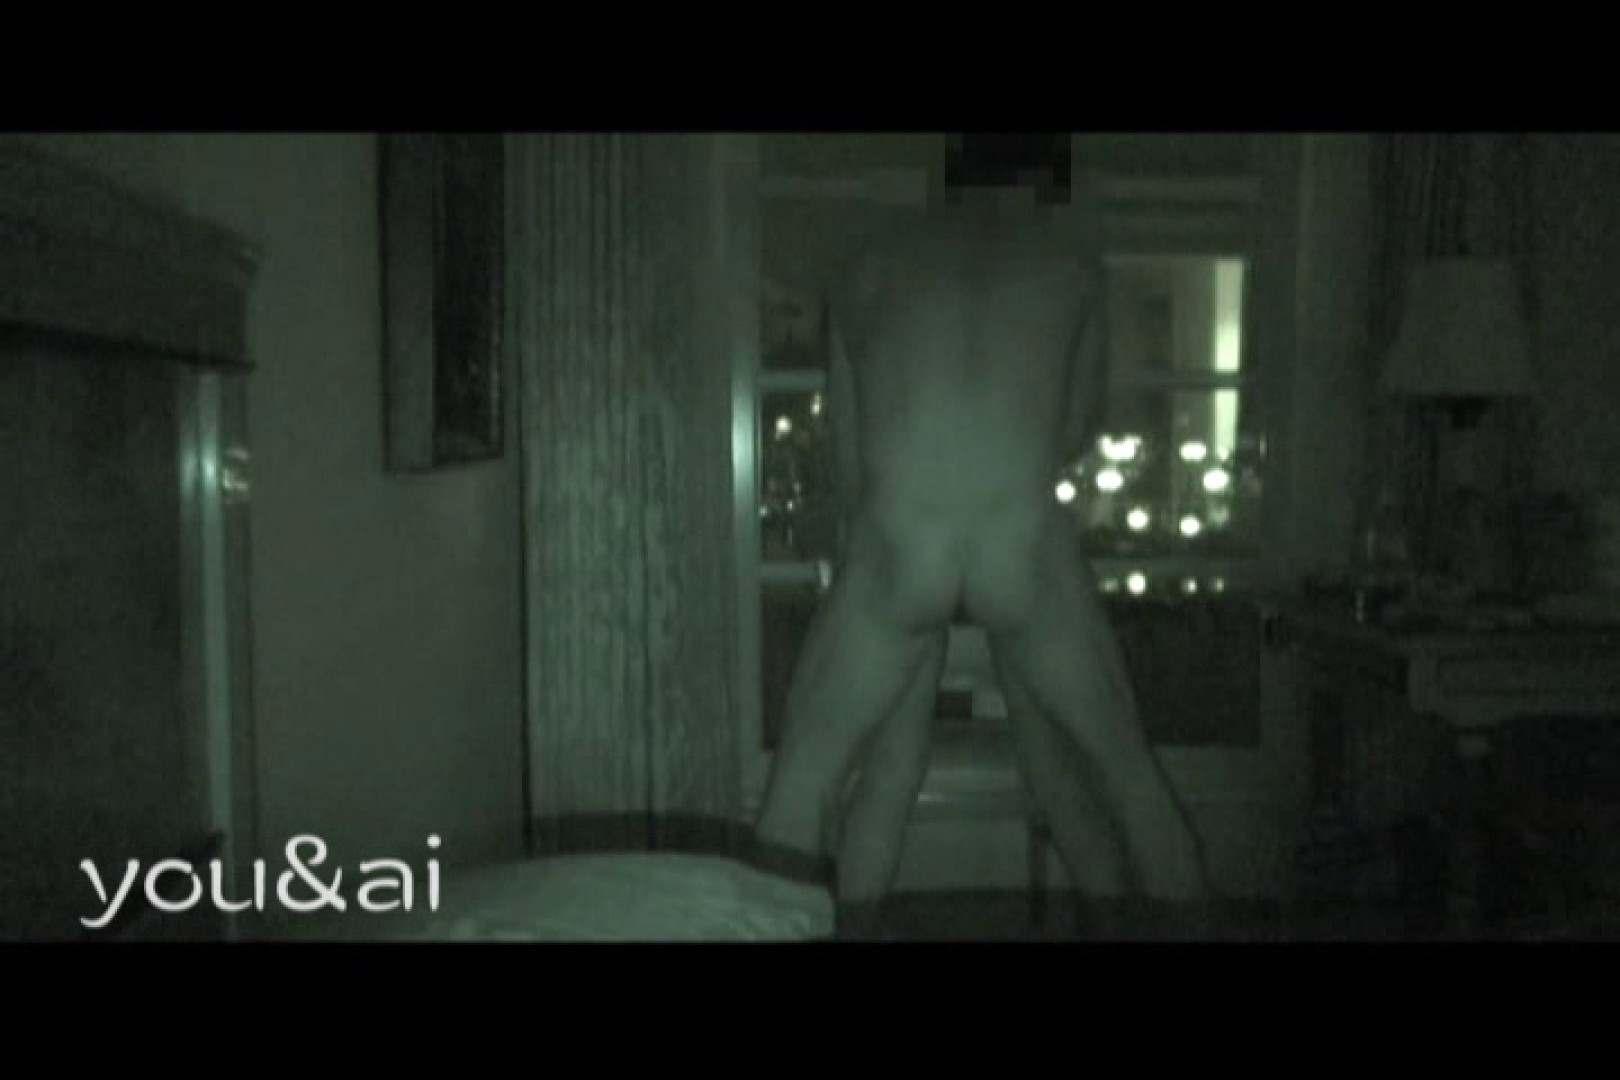 おしどり夫婦のyou&aiさん投稿作品vol.10 ホテル | OLのエッチ  110pic 73